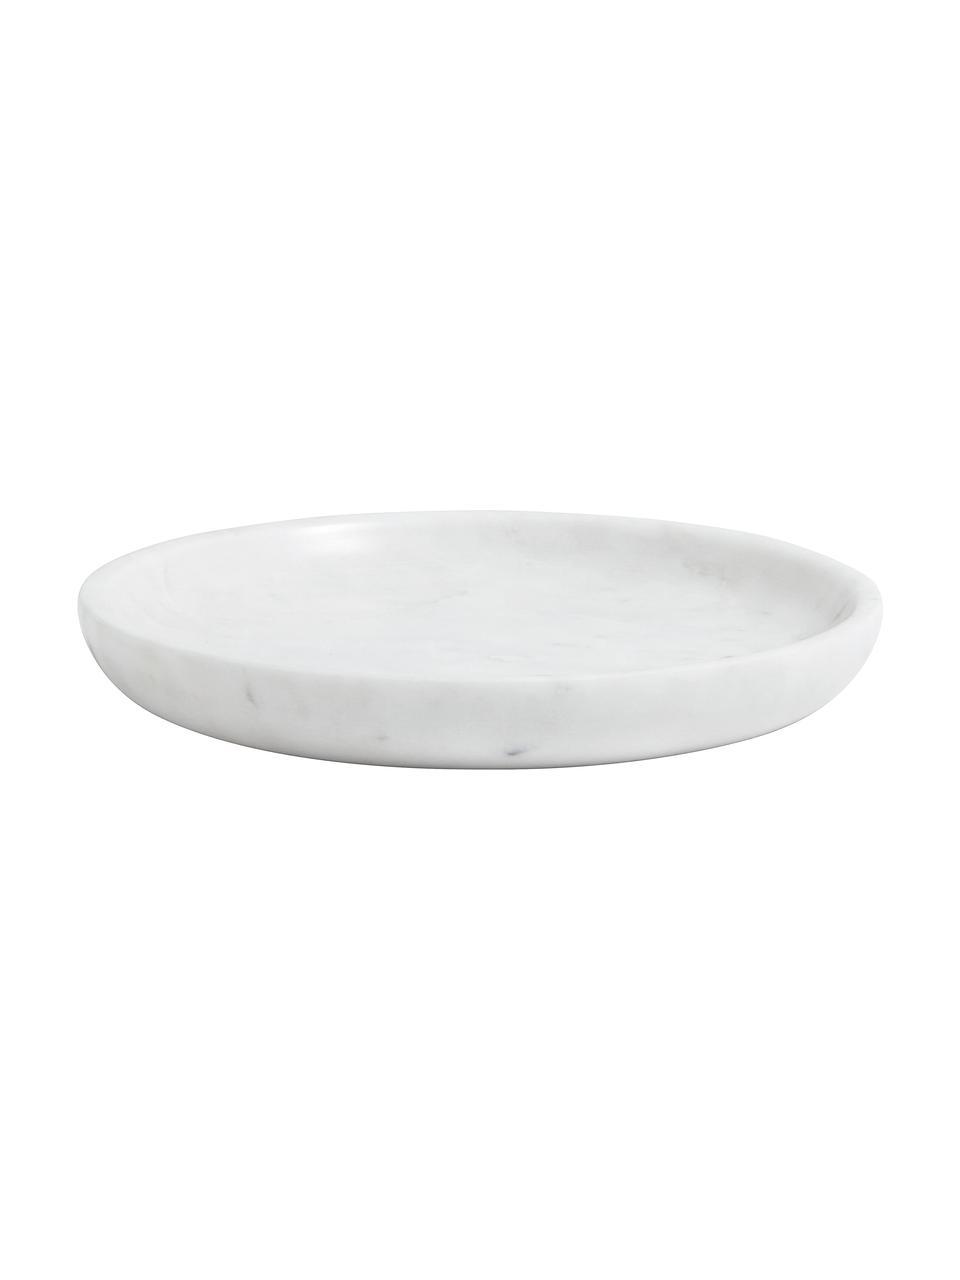 Taca dekoracyjna z marmuru Lorka, Marmur, Biały, Ø 17 x W 2 cm